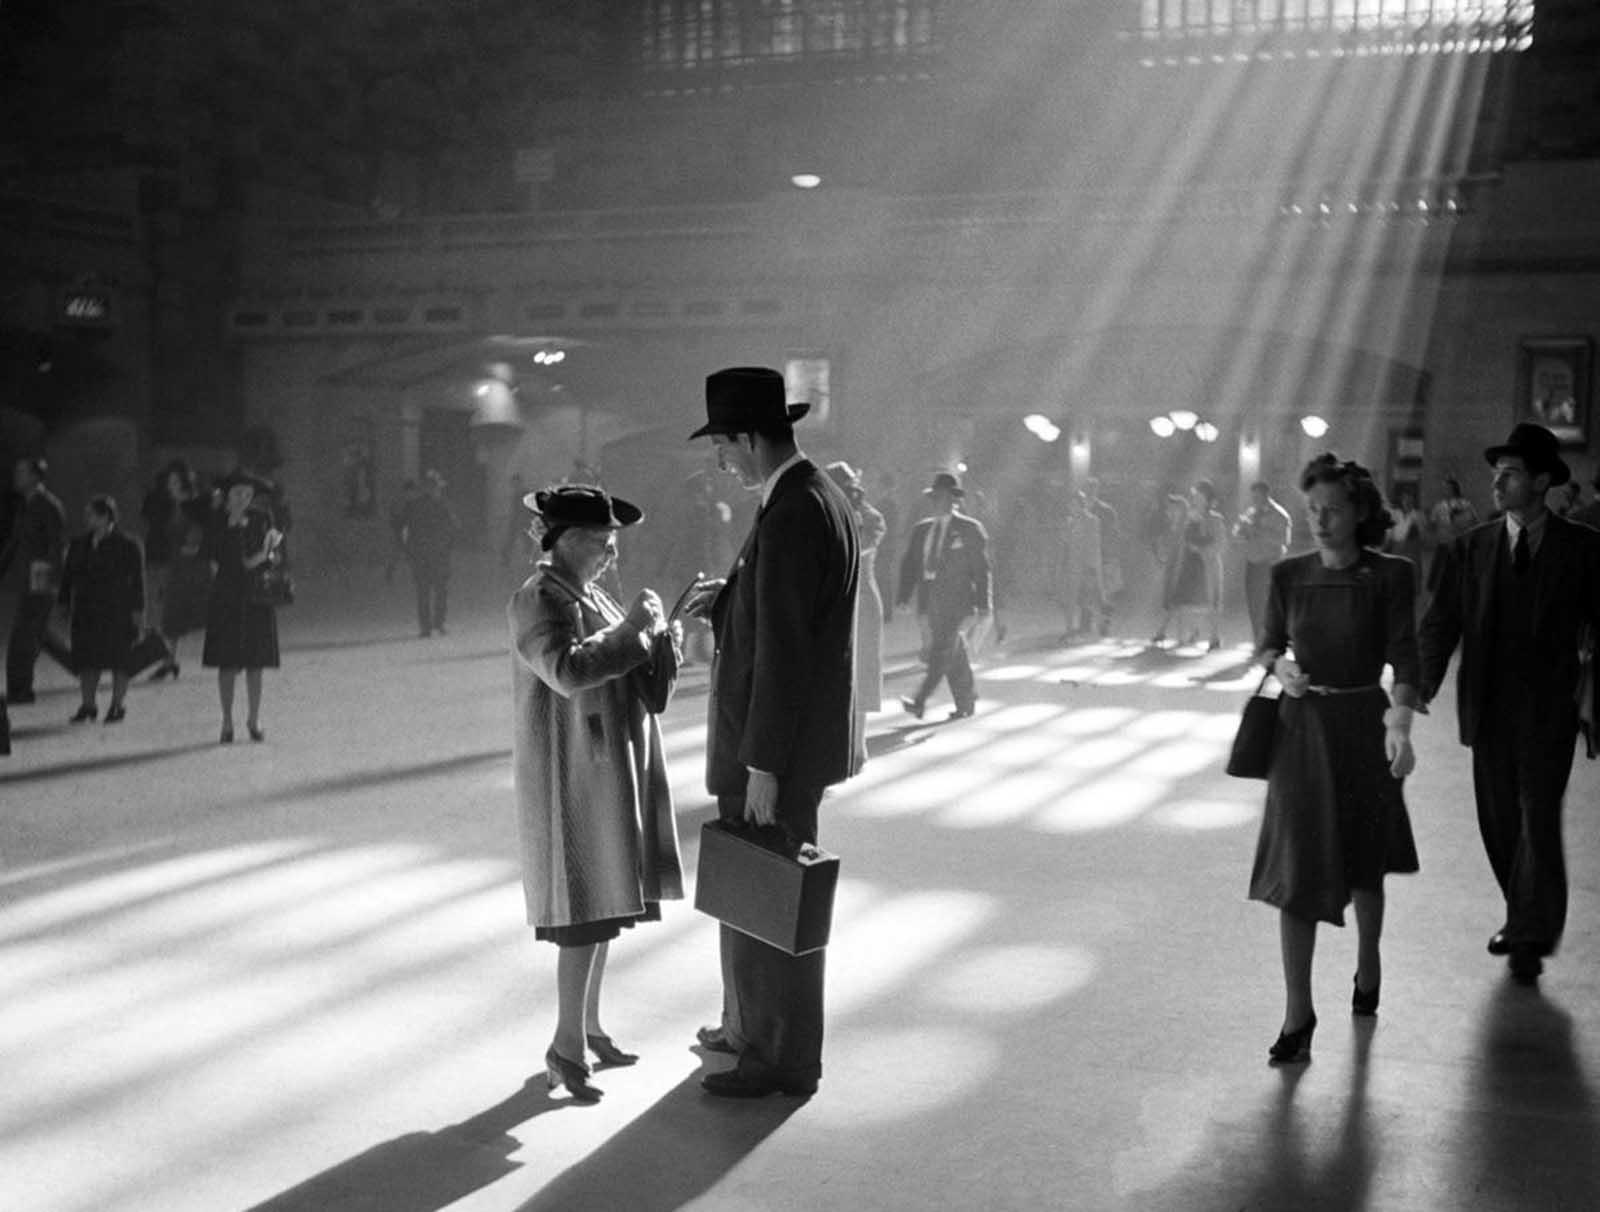 En octubre de 1941, un hombre y una mujer conversan mientras la gente pasa por el vestíbulo principal de la Terminal Grand Central de Nueva York en Midtown Manhattan.